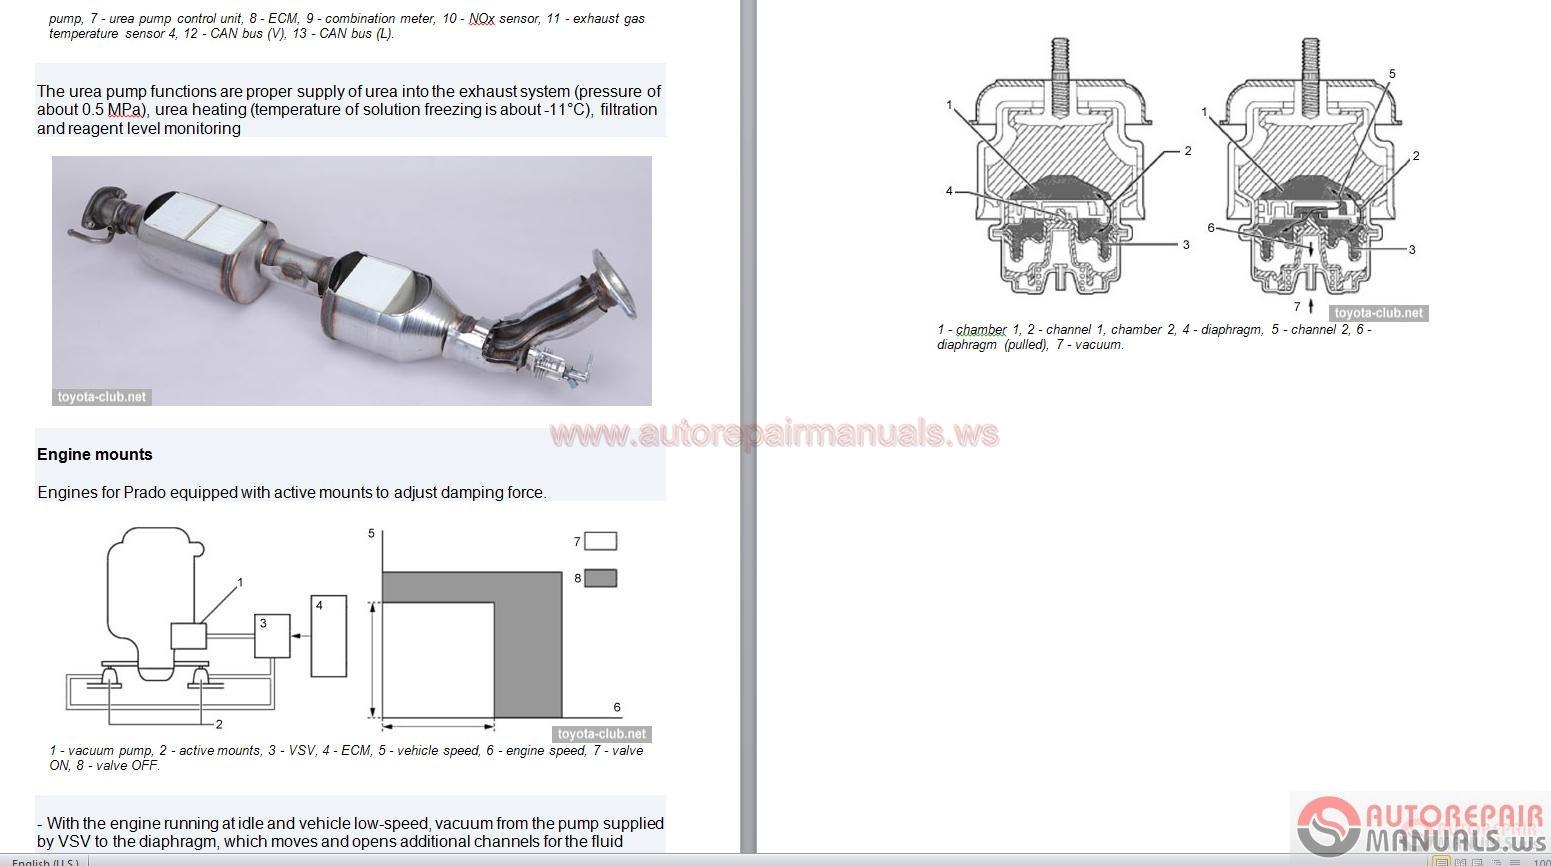 Toyota GD Series Diesel Engines Auto Repair Manual Forum